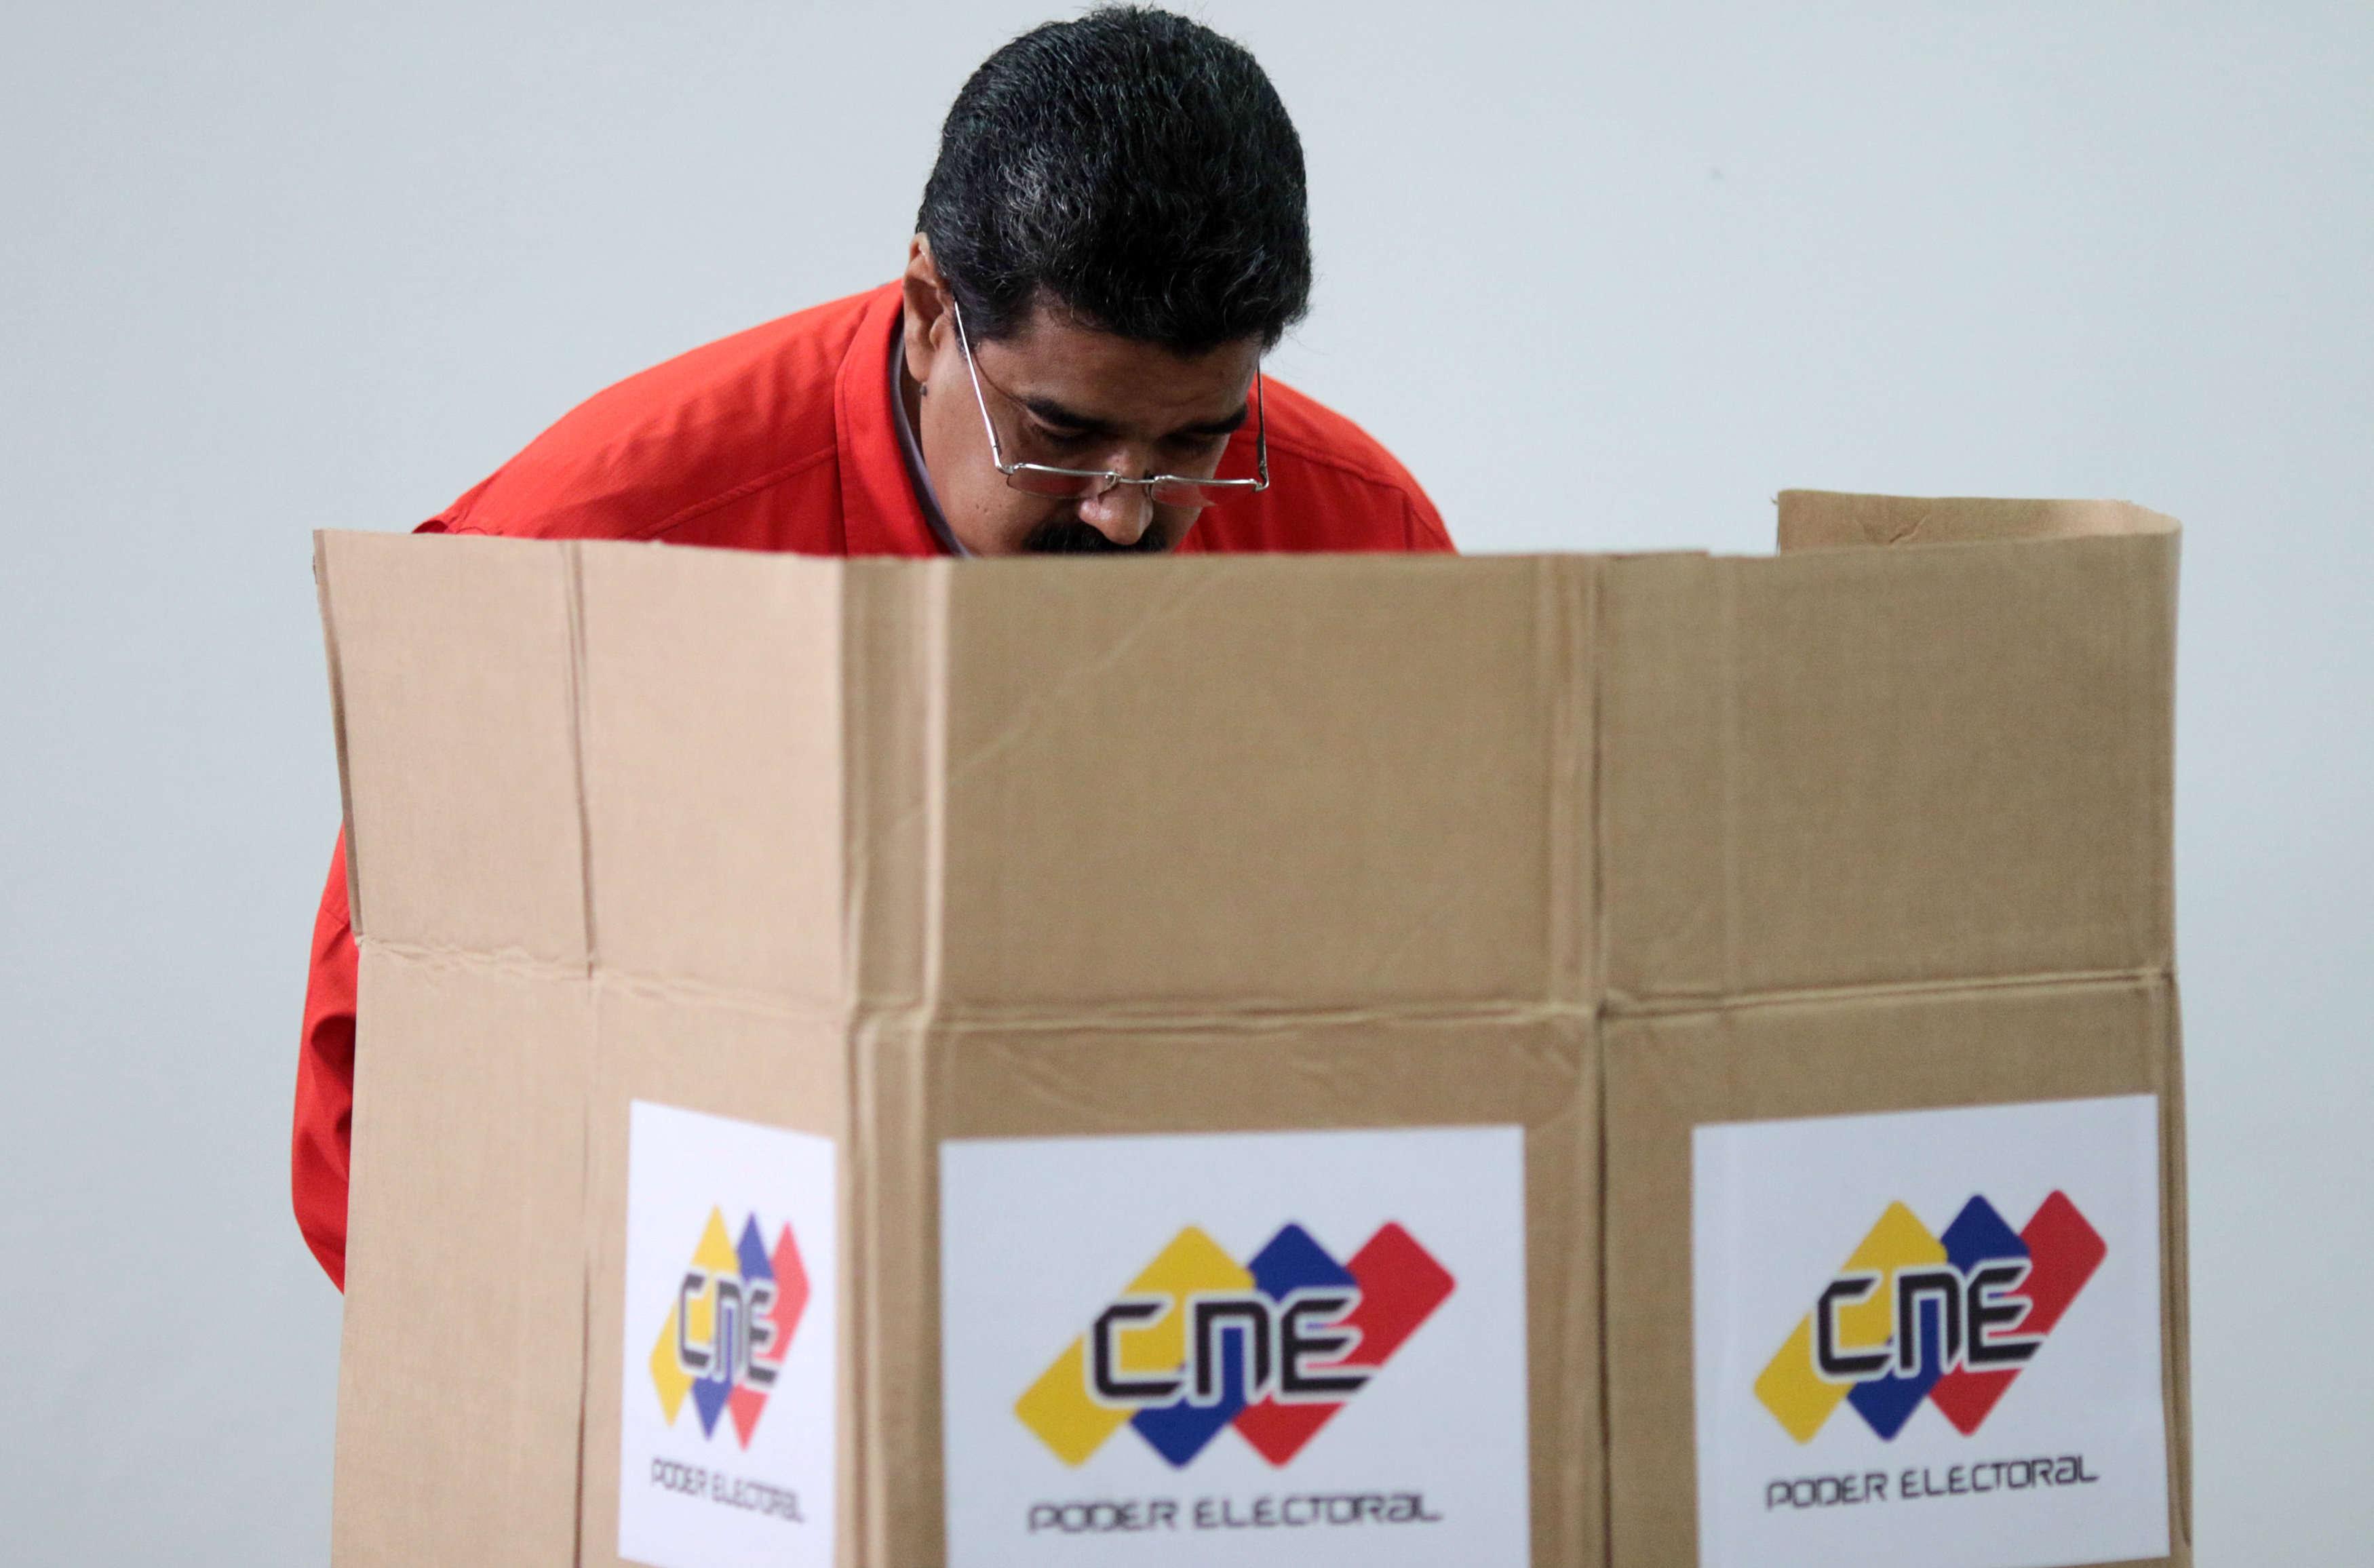 Parmi les premiers votants, le président Nicolas Maduro a eu affaire à un incident technique. Sa «carte de la patrie» n'a pas été reconnue par le système électronique.